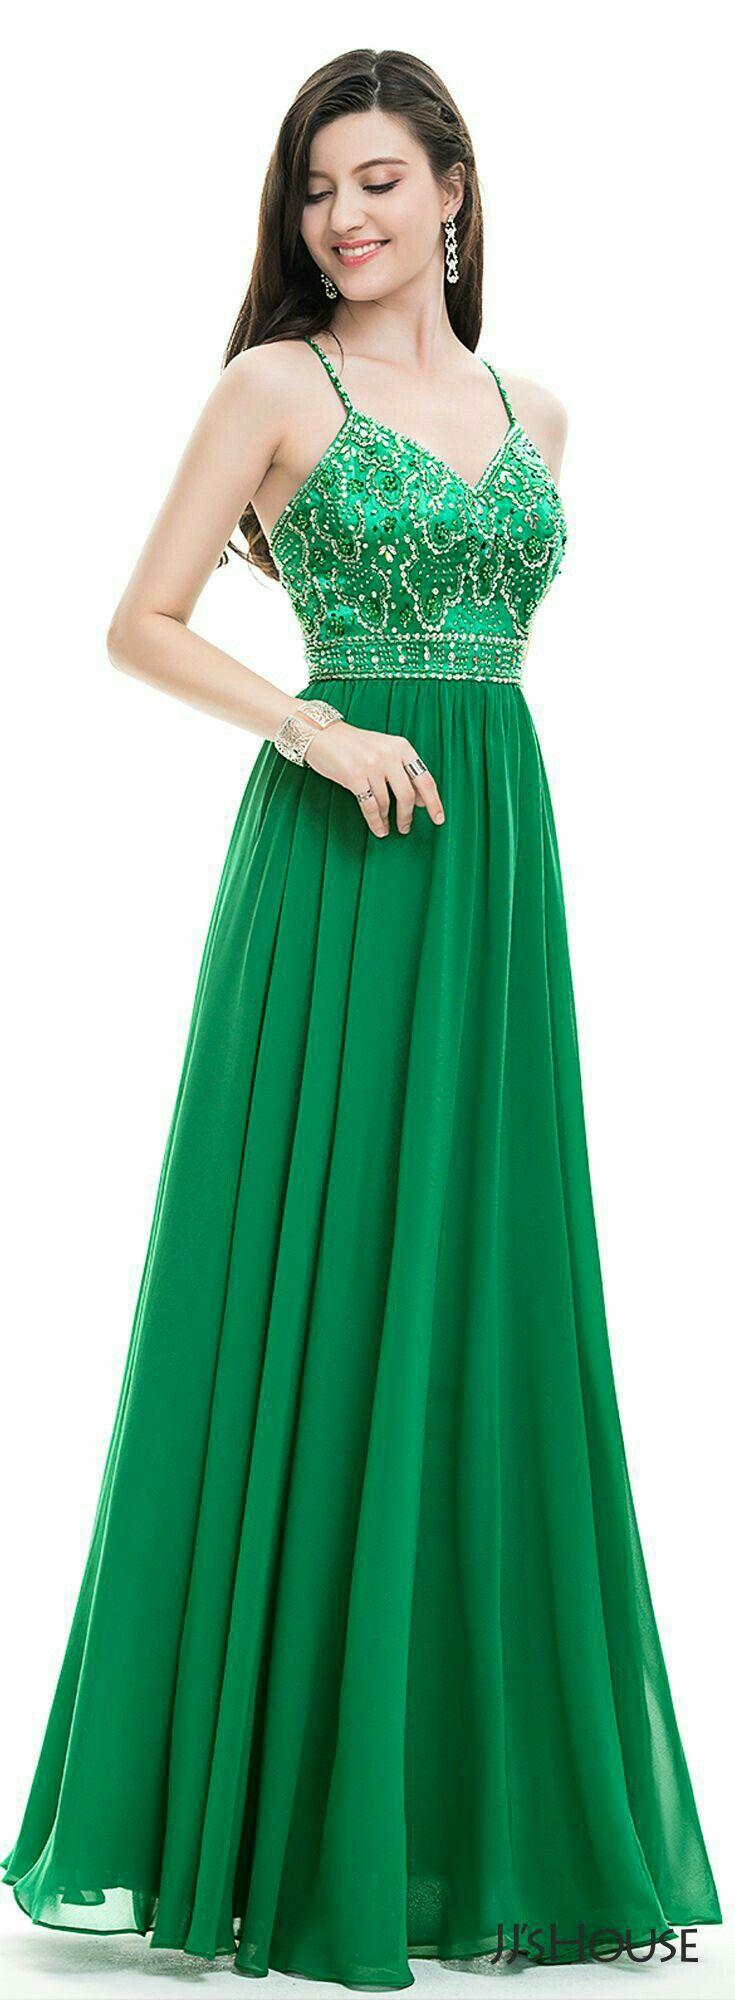 Pin by shnaw rezhan on dress pinterest